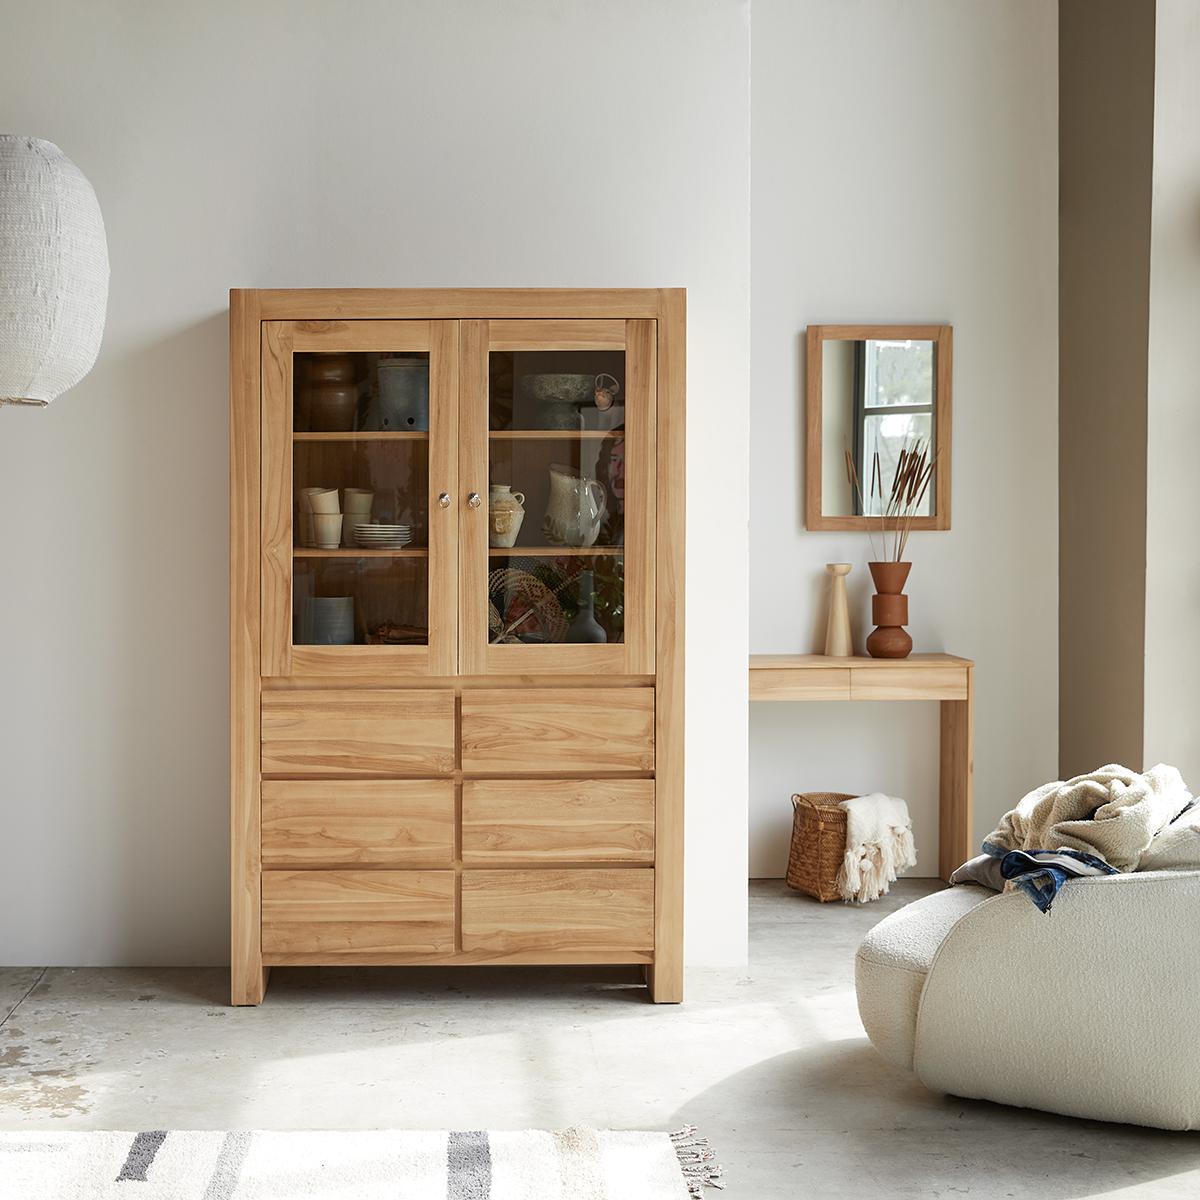 Eden solid teak Kitchen dresser